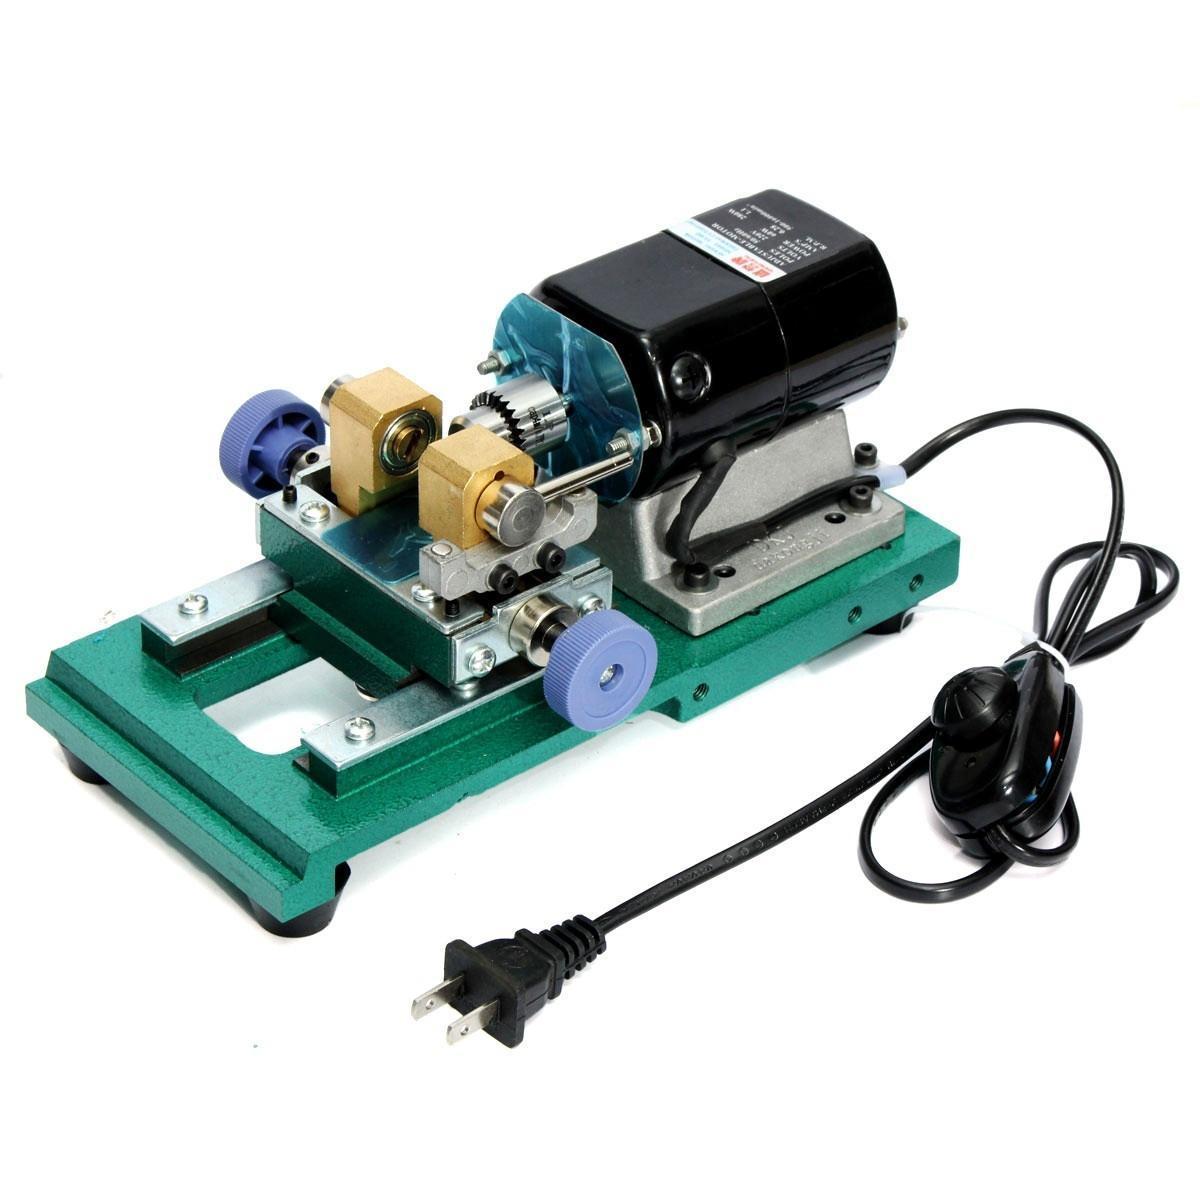 220V бесступенчатое Перл 280W бурения разбуривание сверлильные станки полный набор ювелирных б у 1д601 малогабаритные настольные токарные станки